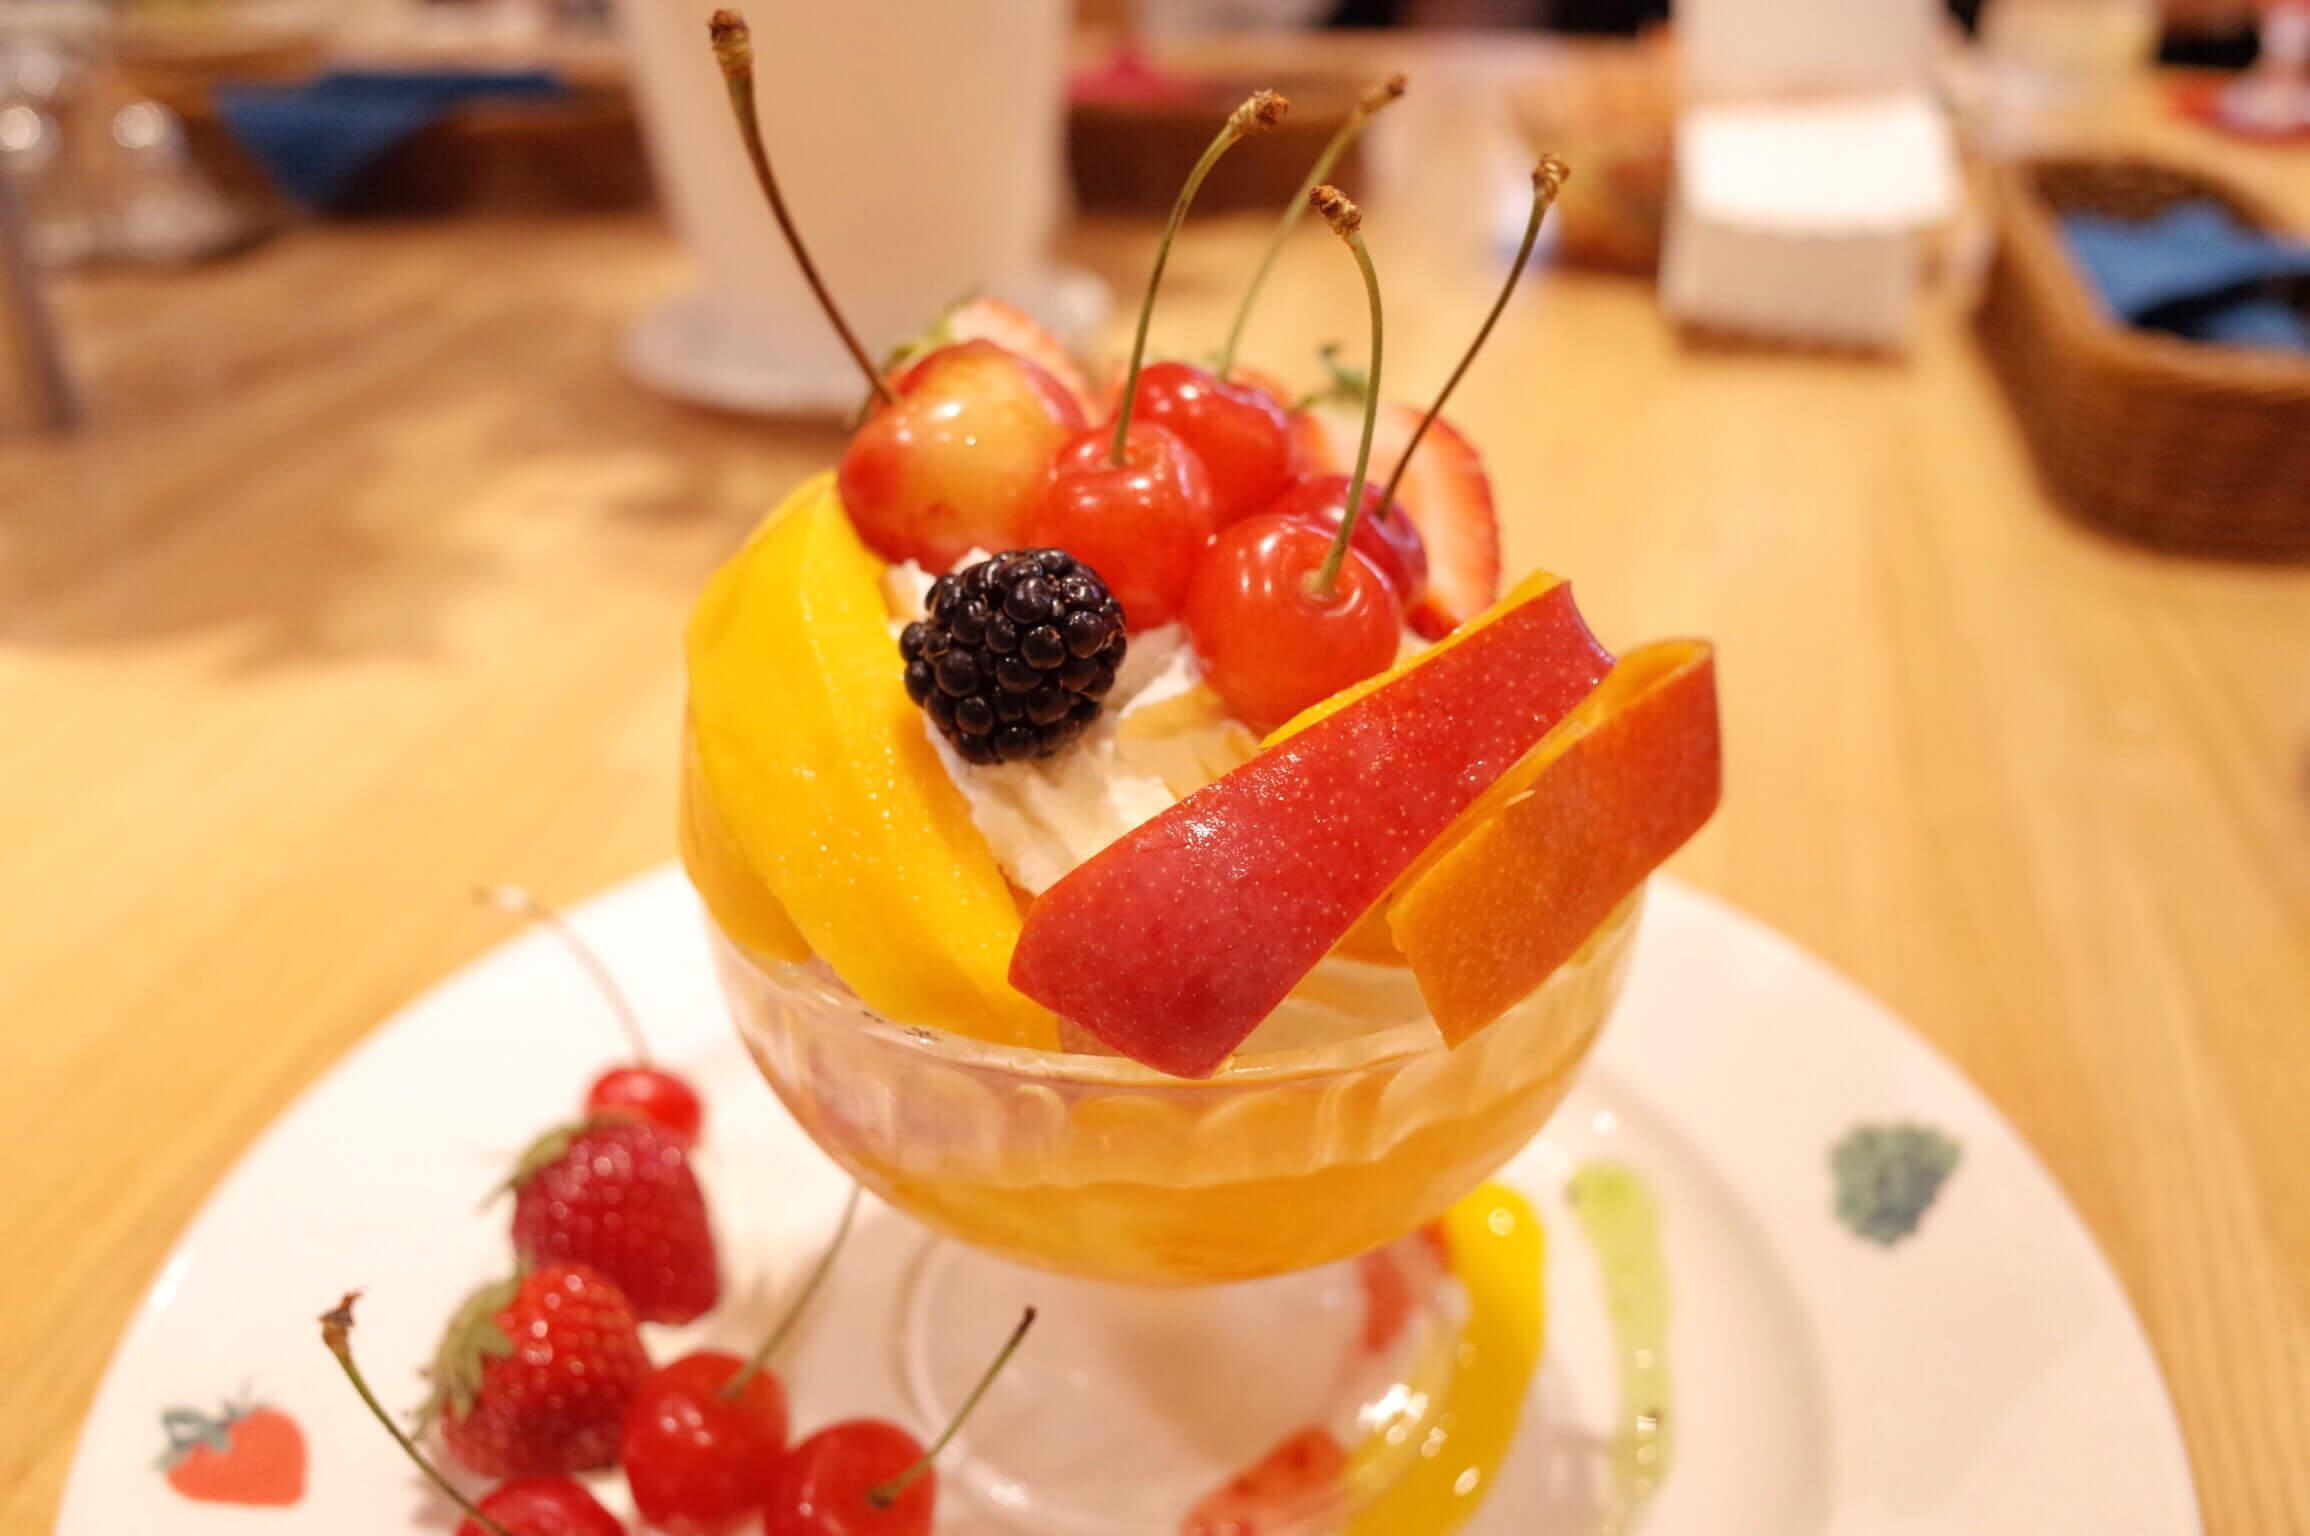 東京駅「果実園」のパフェは美味しい季節のフルーツが山盛り!早朝から夜までやってるのが魅力